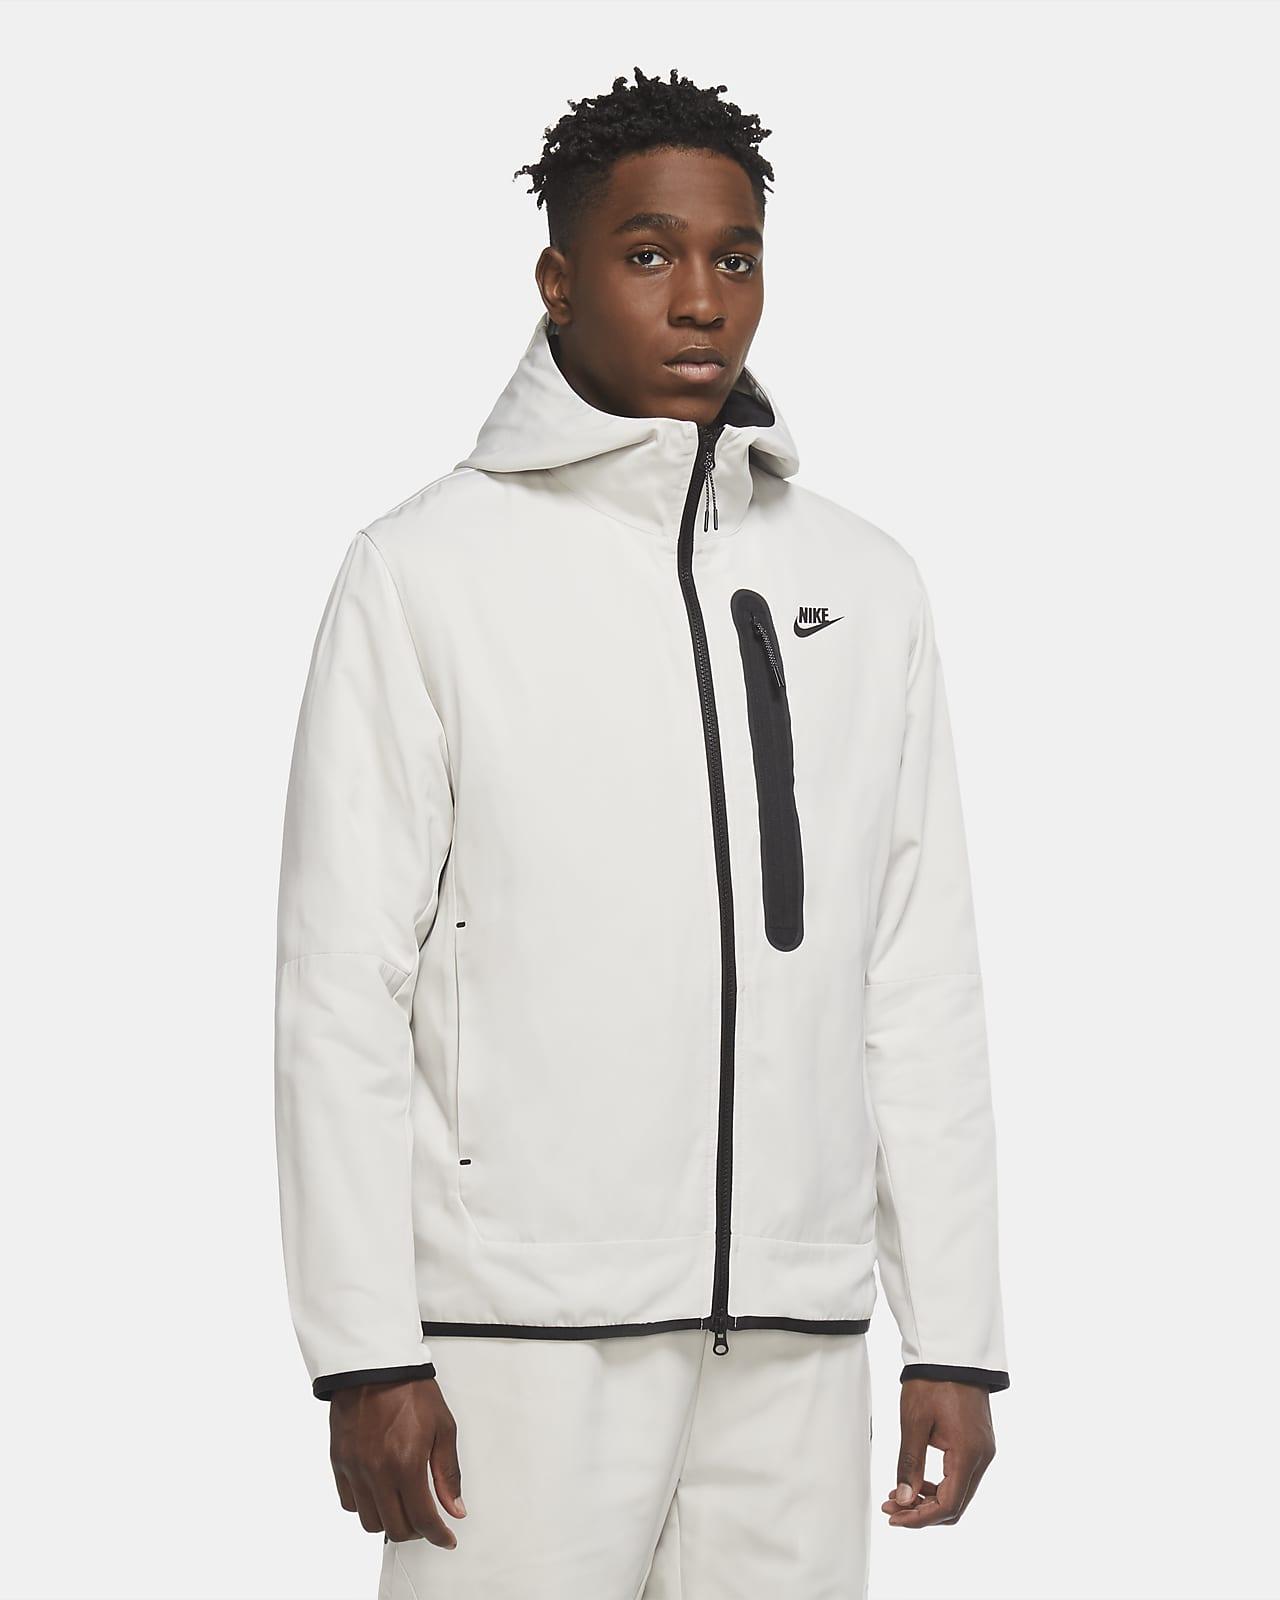 Nike Sportswear Tech Essentials Chaqueta con capucha repelente al agua - Hombre